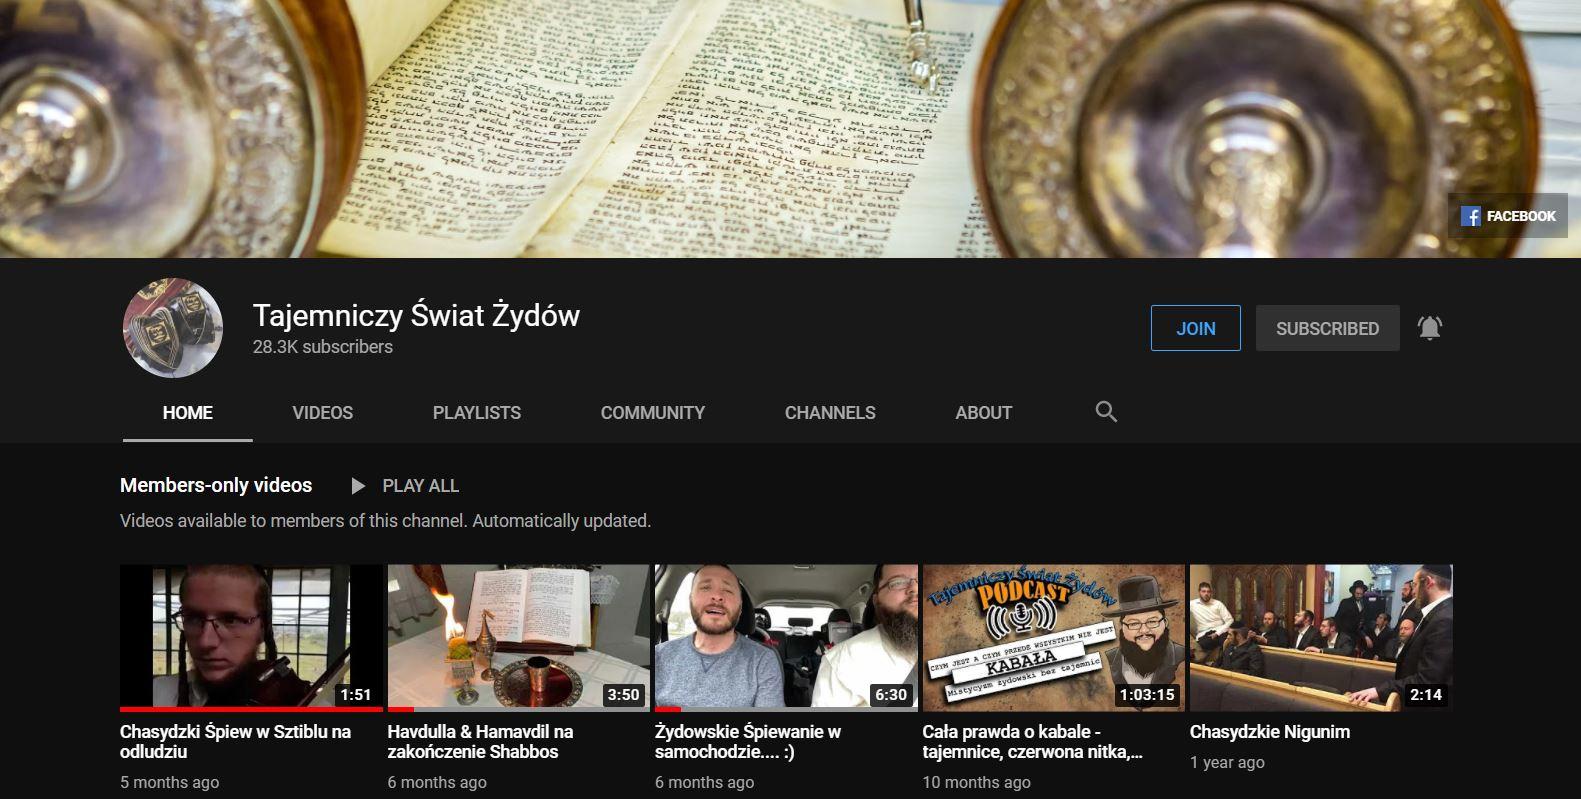 YouTube - tajemniczy świat żydów, kanał